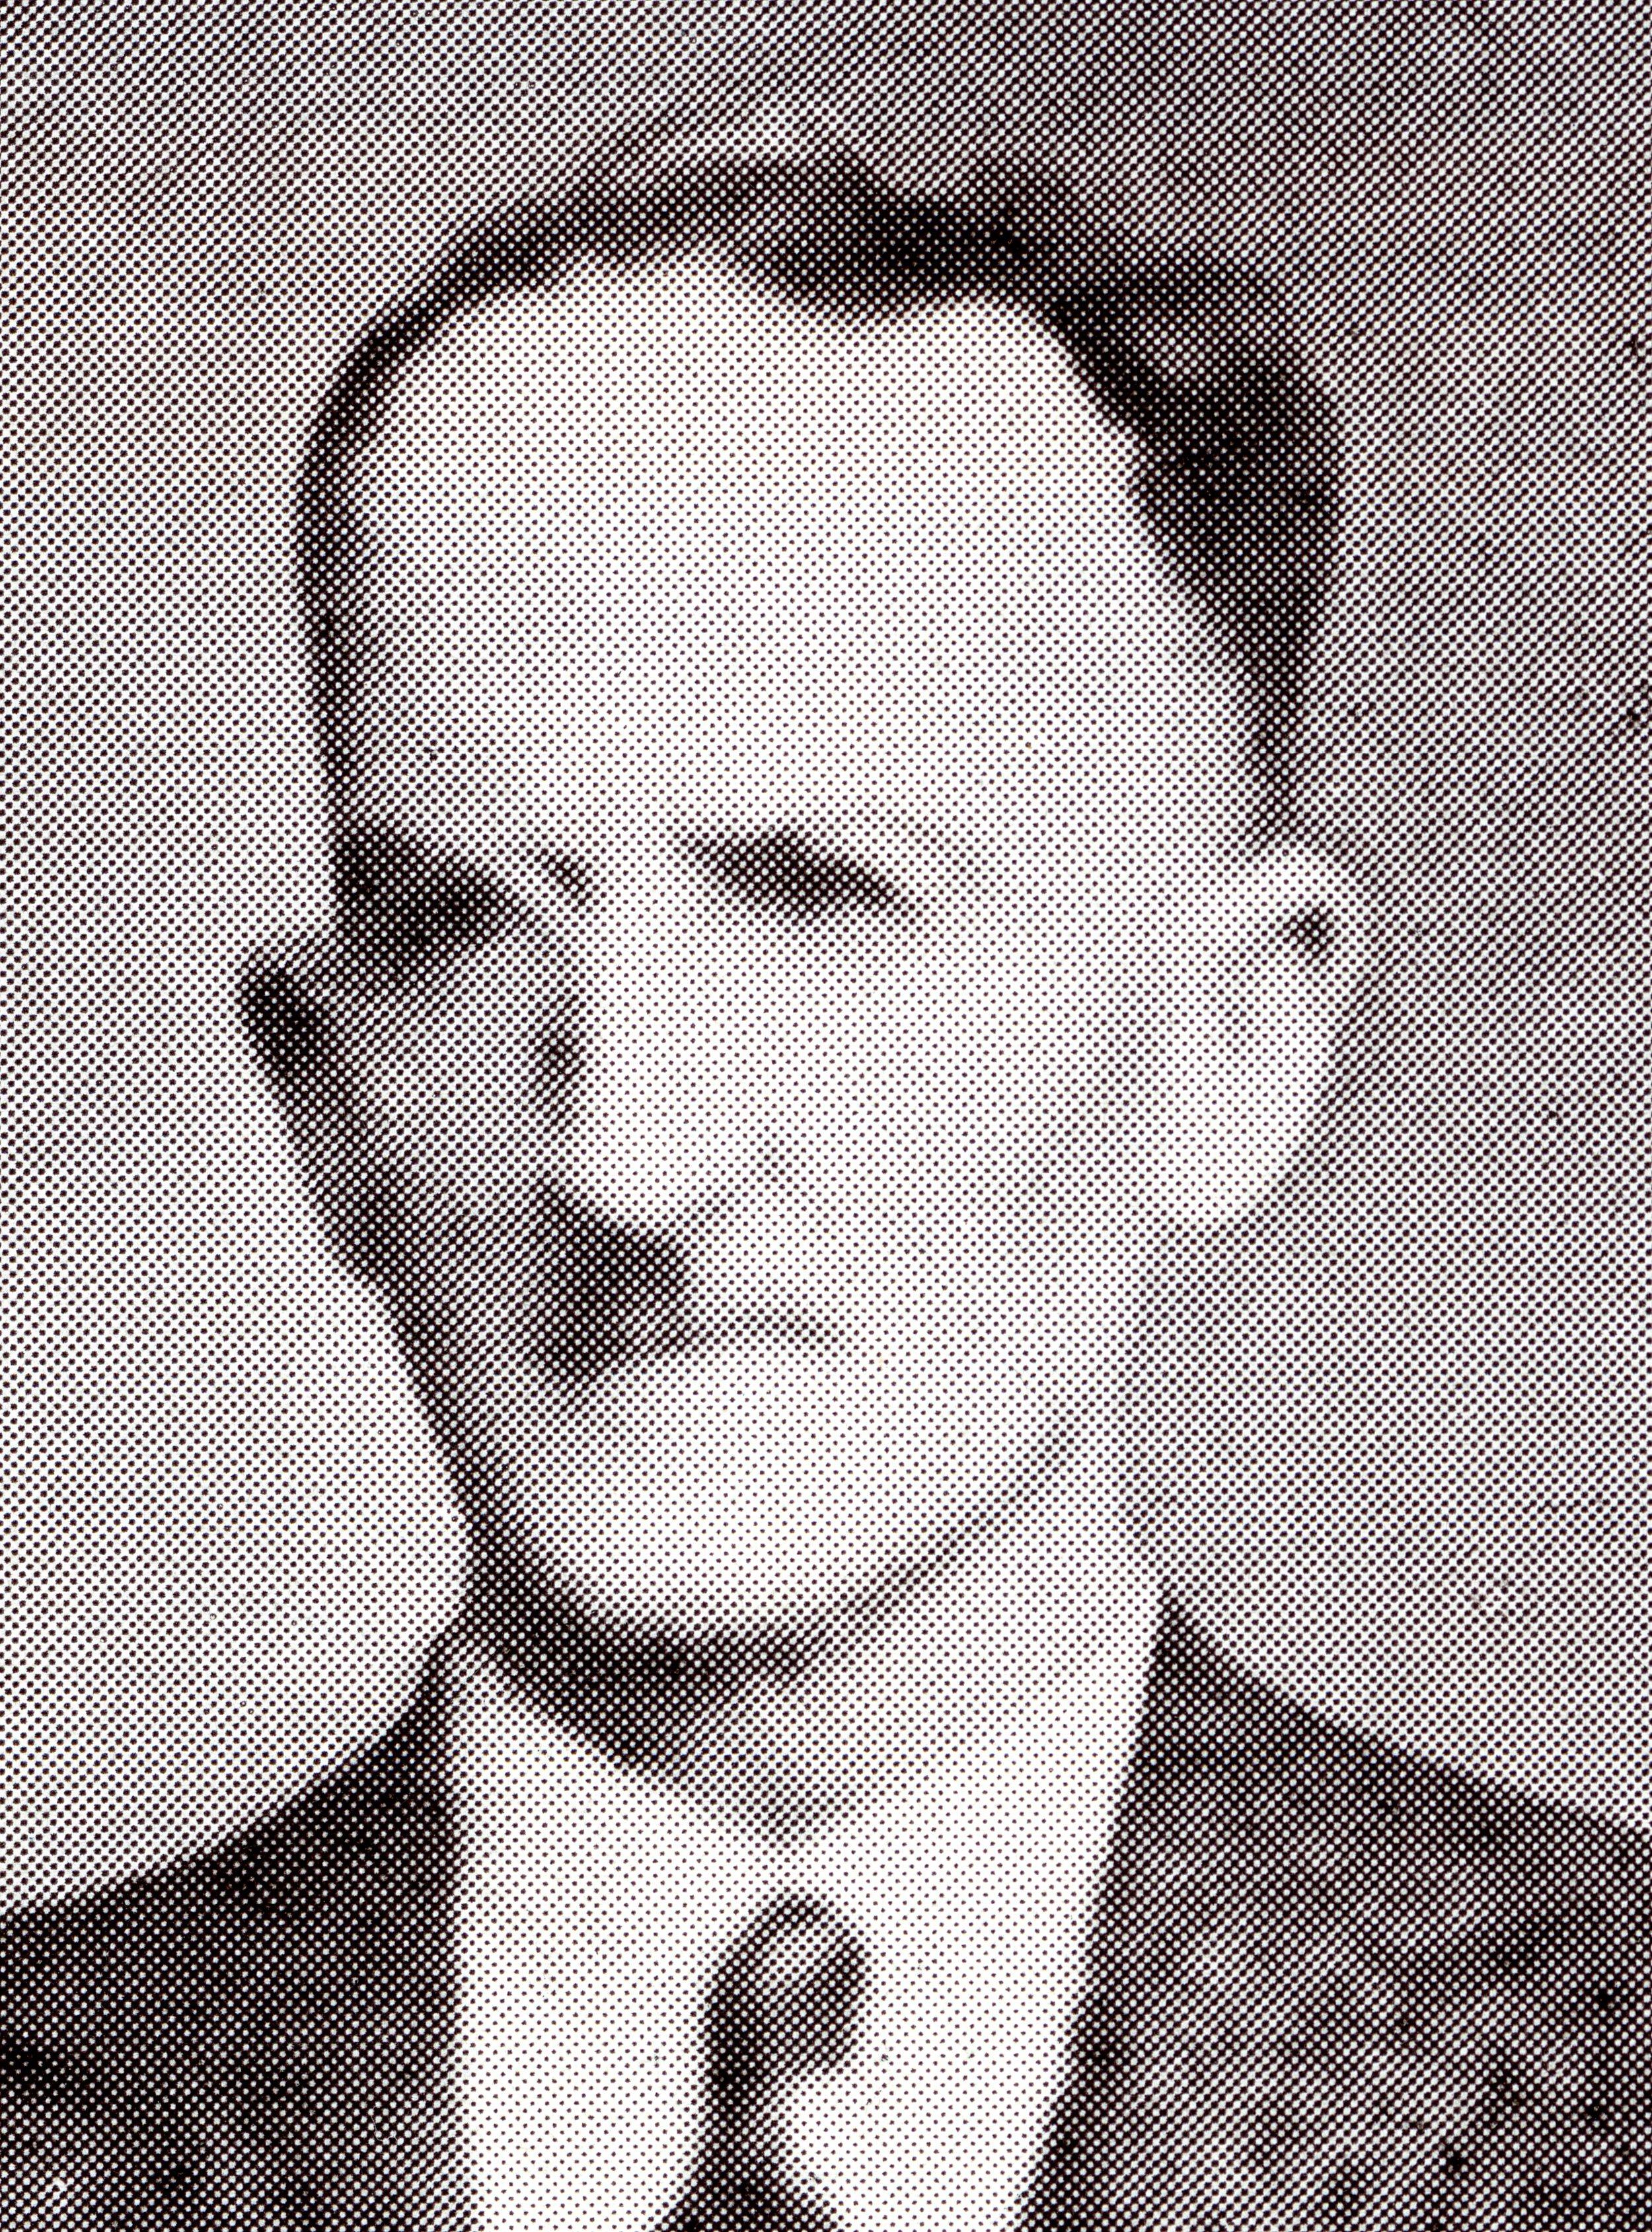 Arthur Power